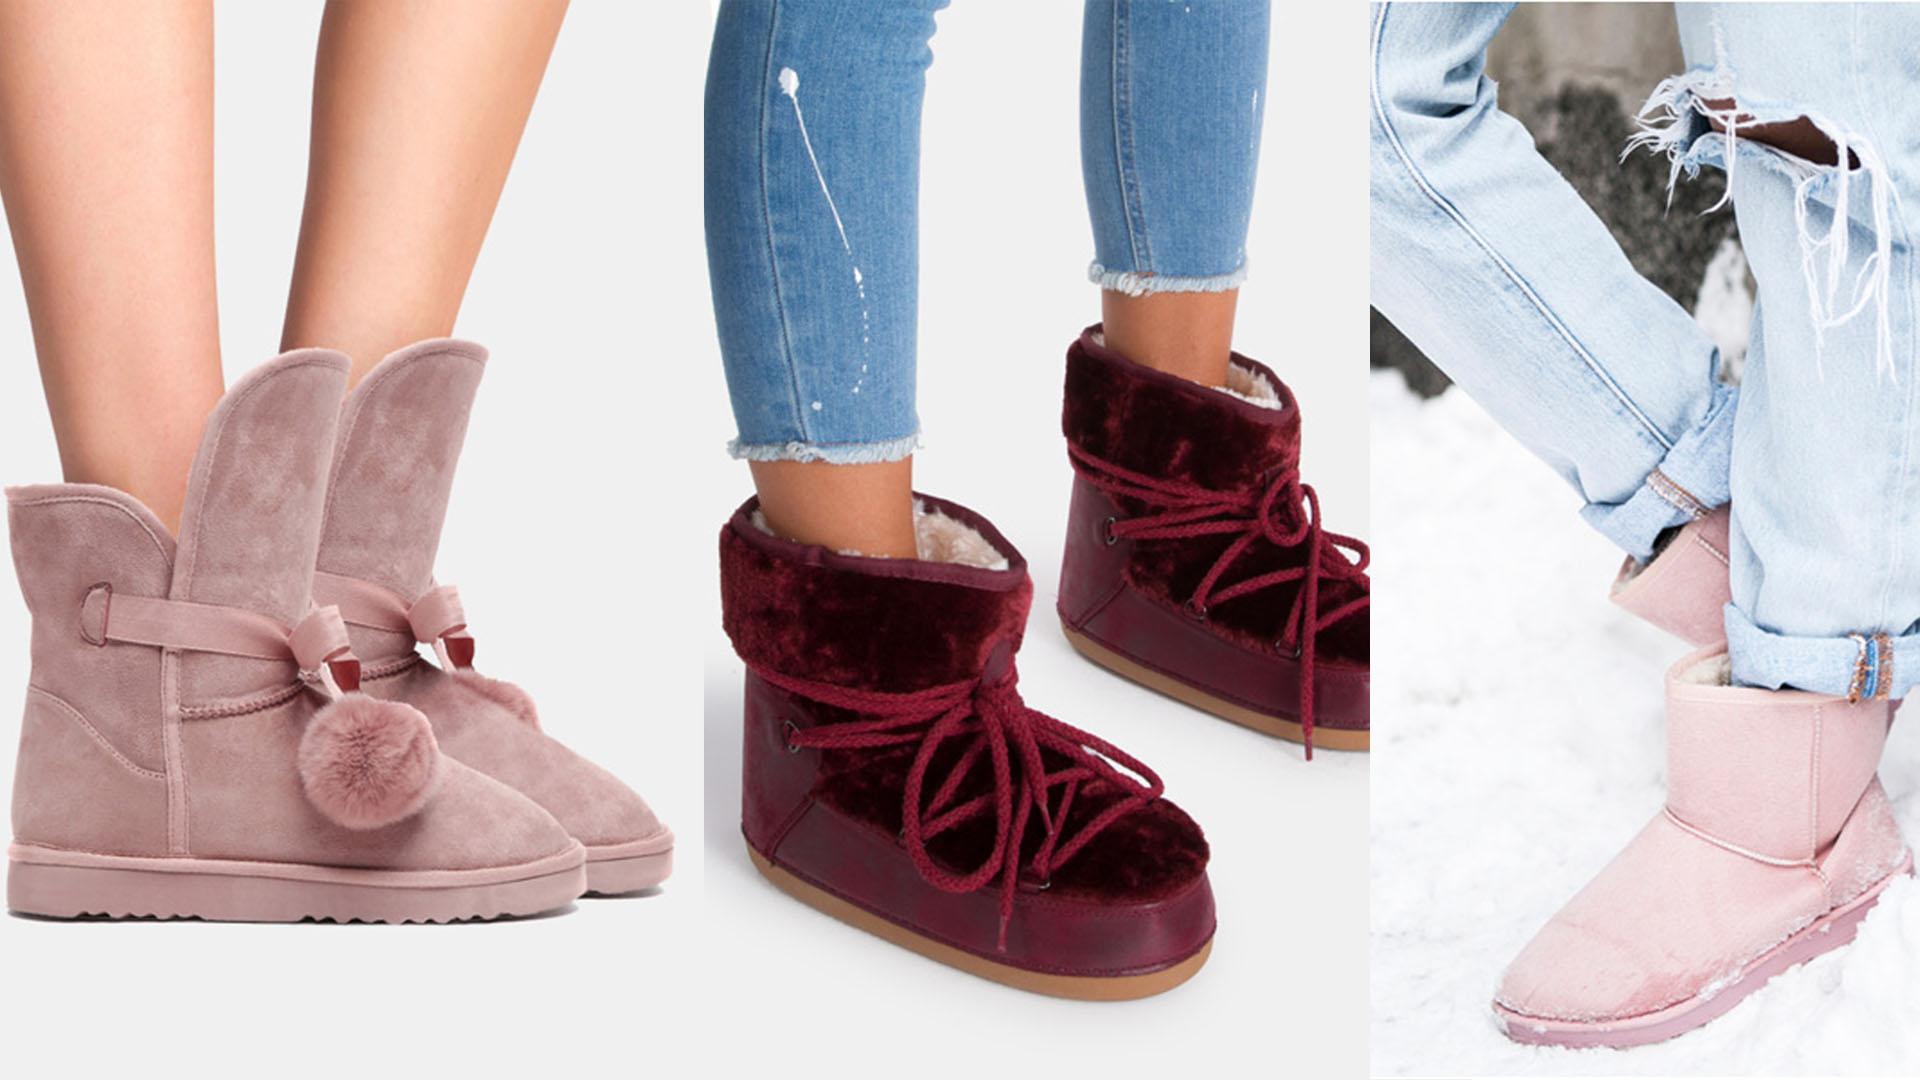 Najnudniejsze buty świata? Wiemy, jak nosić je z gustem